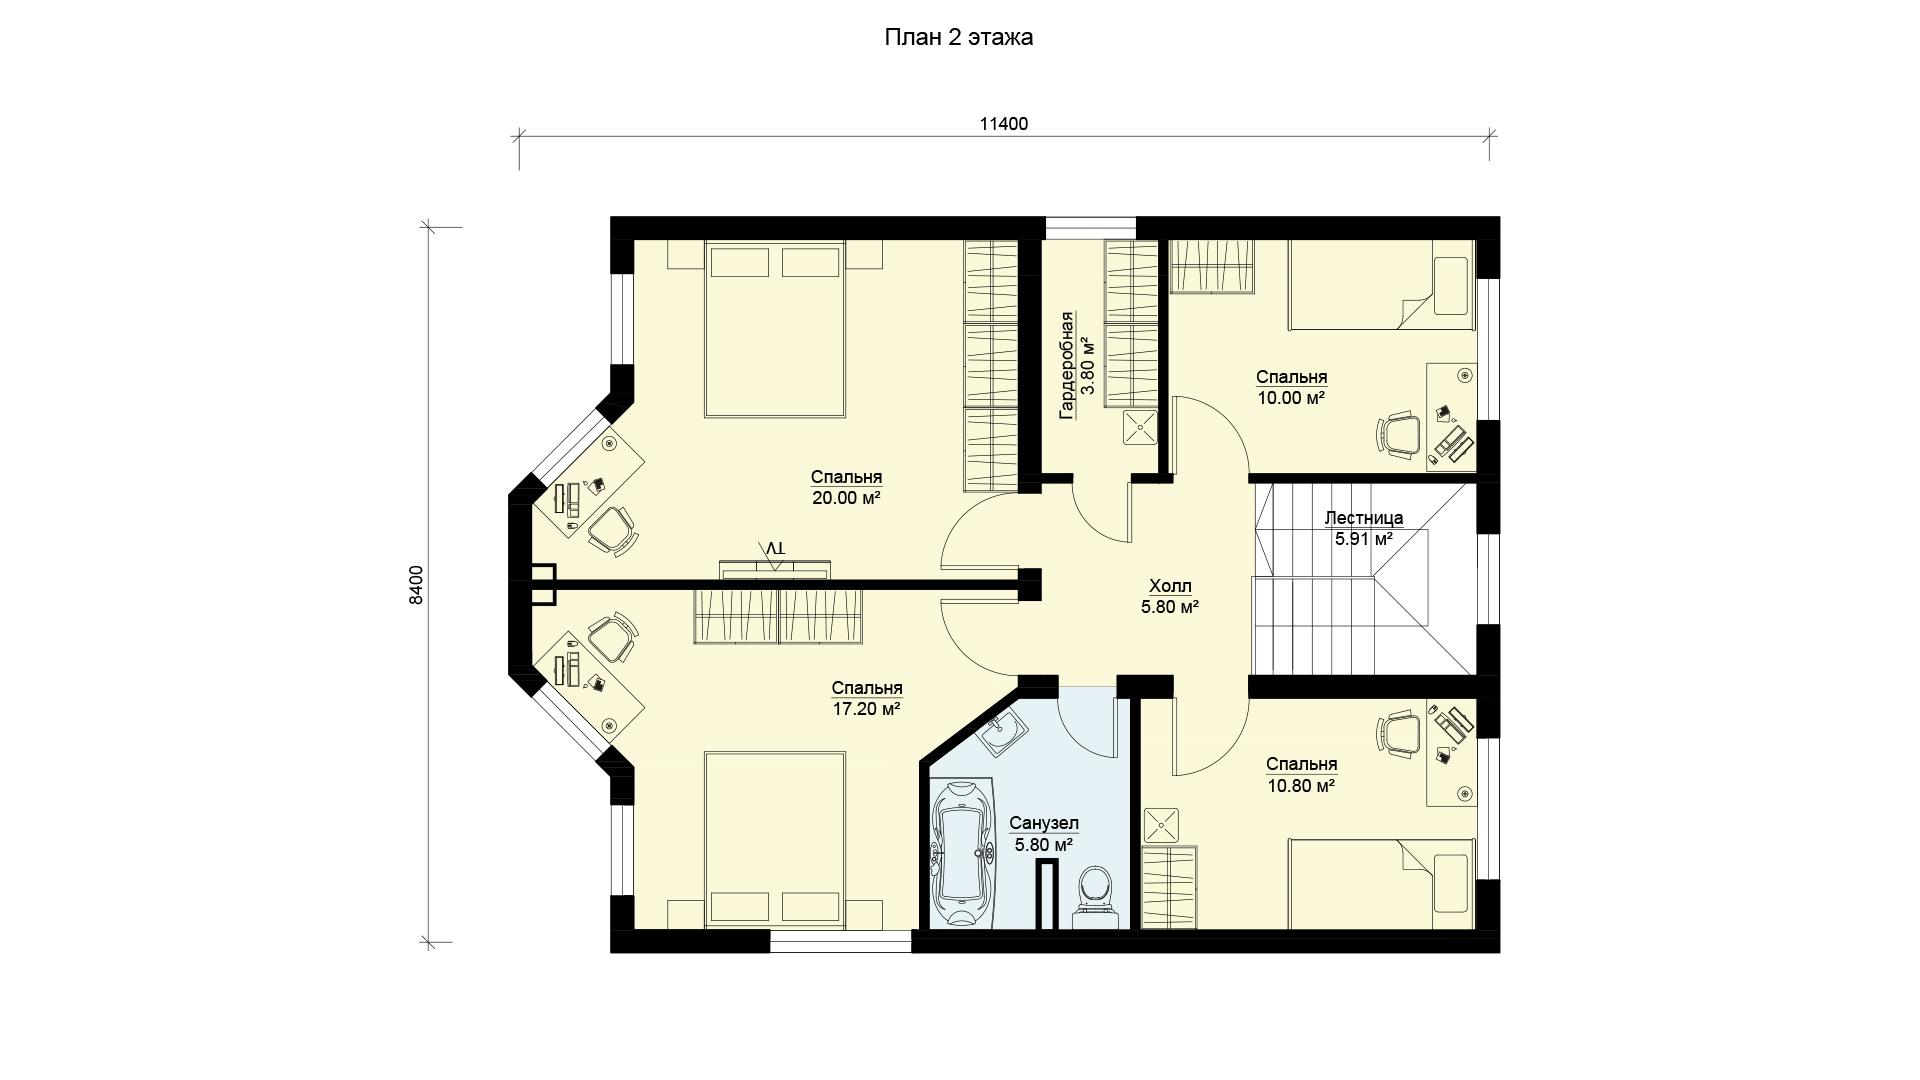 План второго этажа двухэтажного дома с камином и эркером, проект БЭНПАН МС-143.